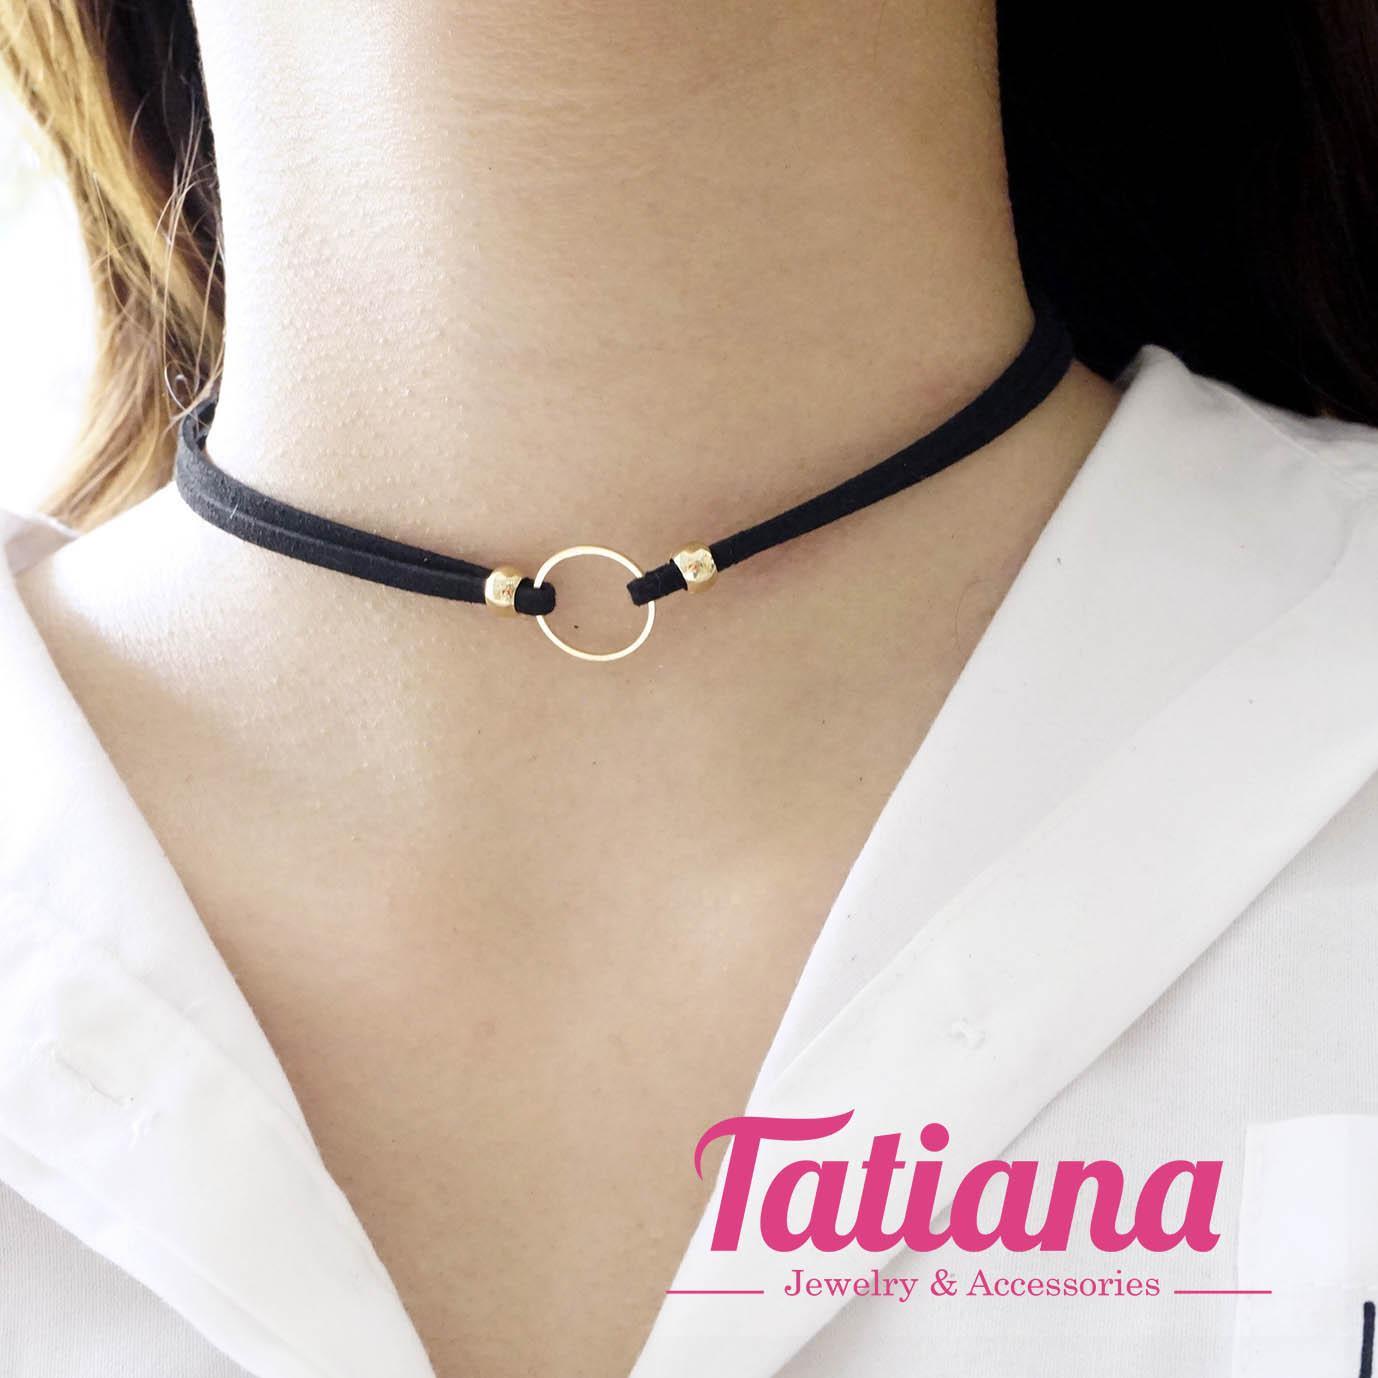 Vòng Cổ Choker Nữ Tròn – Tatiana – D2290 (Vàng)